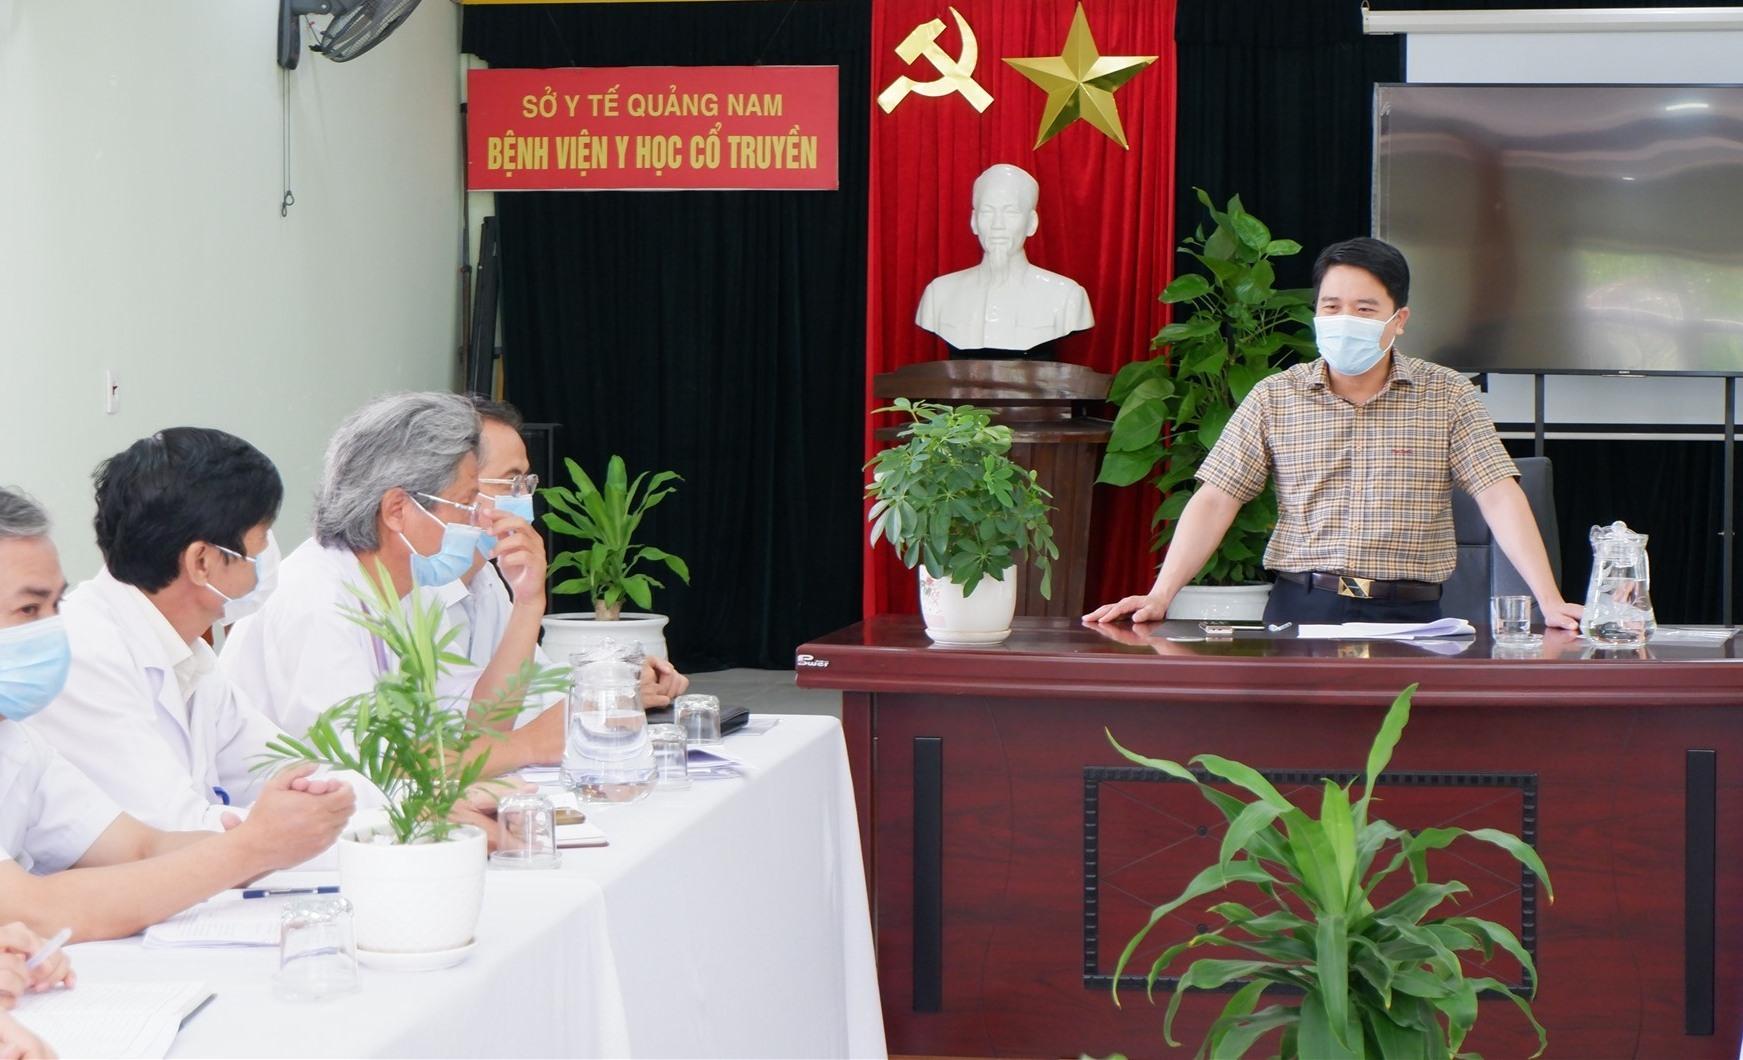 Phó Chủ tịch UBND tỉnh chủ trì cuộc làm việc tại Bệnh viện Dã chiến số 1 Quảng Nam. Ảnh: X.H